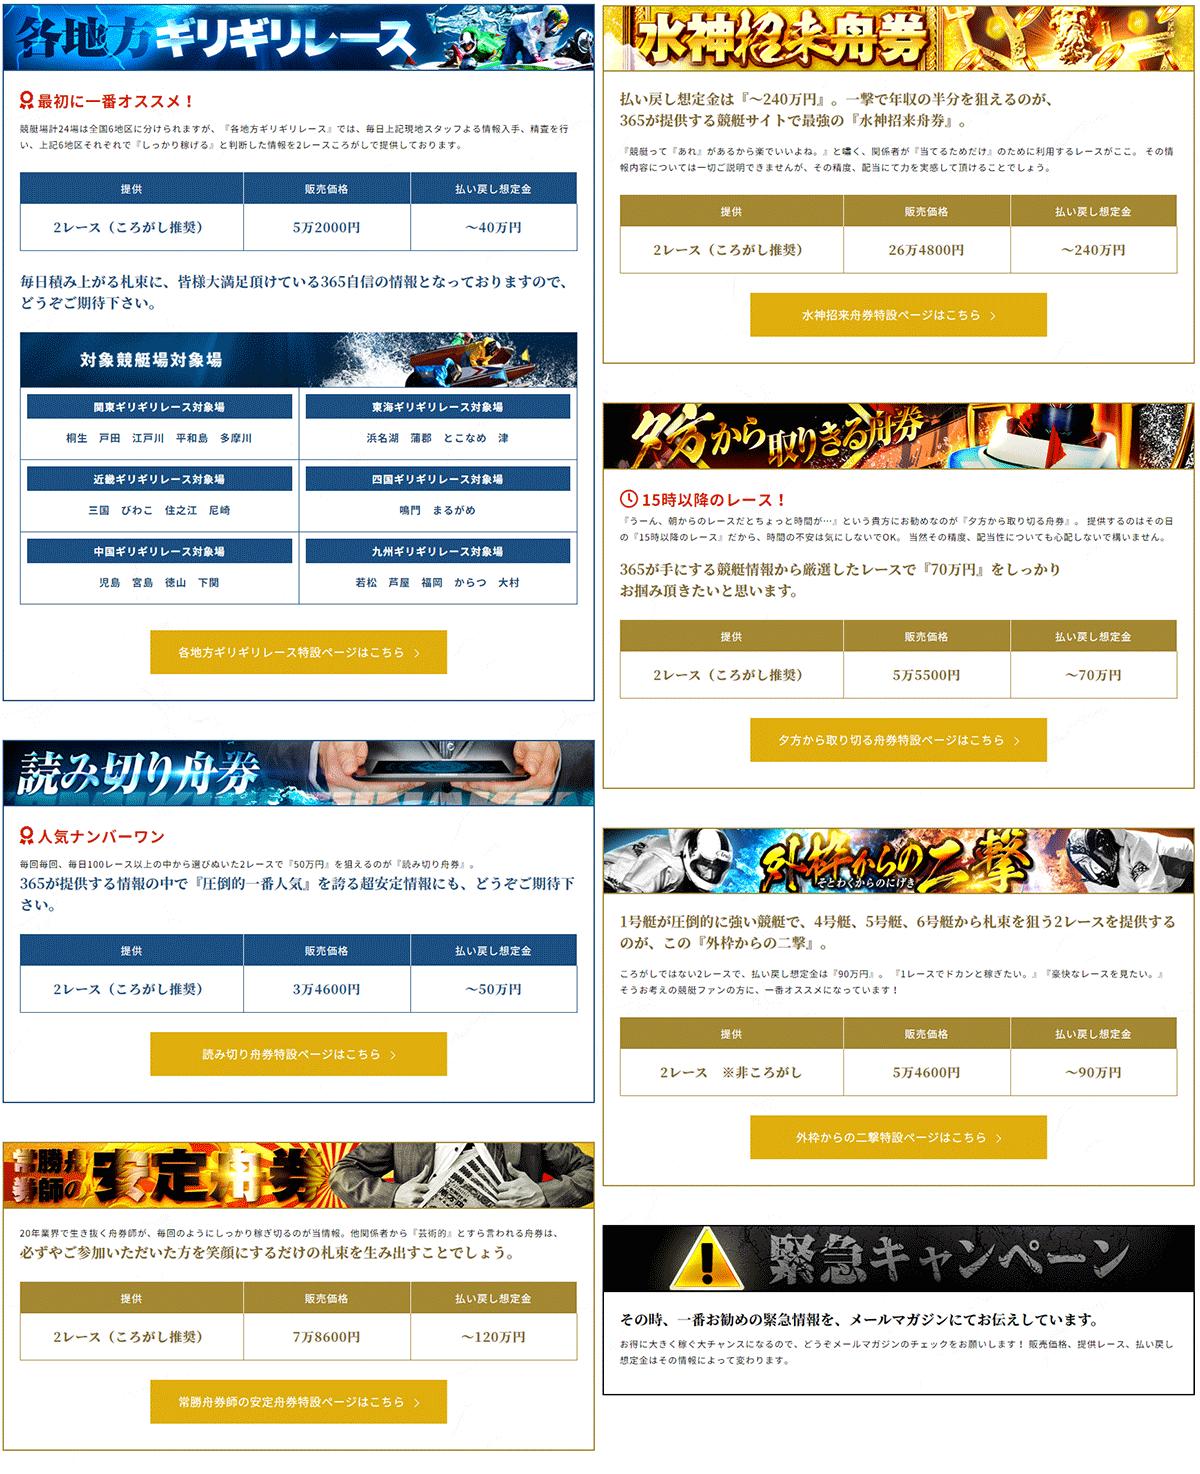 悪徳 競艇予想サイト365 競艇予想サイトの中でも優良サイトなのか、詐欺レベルの悪徳サイトかを口コミなどからも検証 プラン一覧